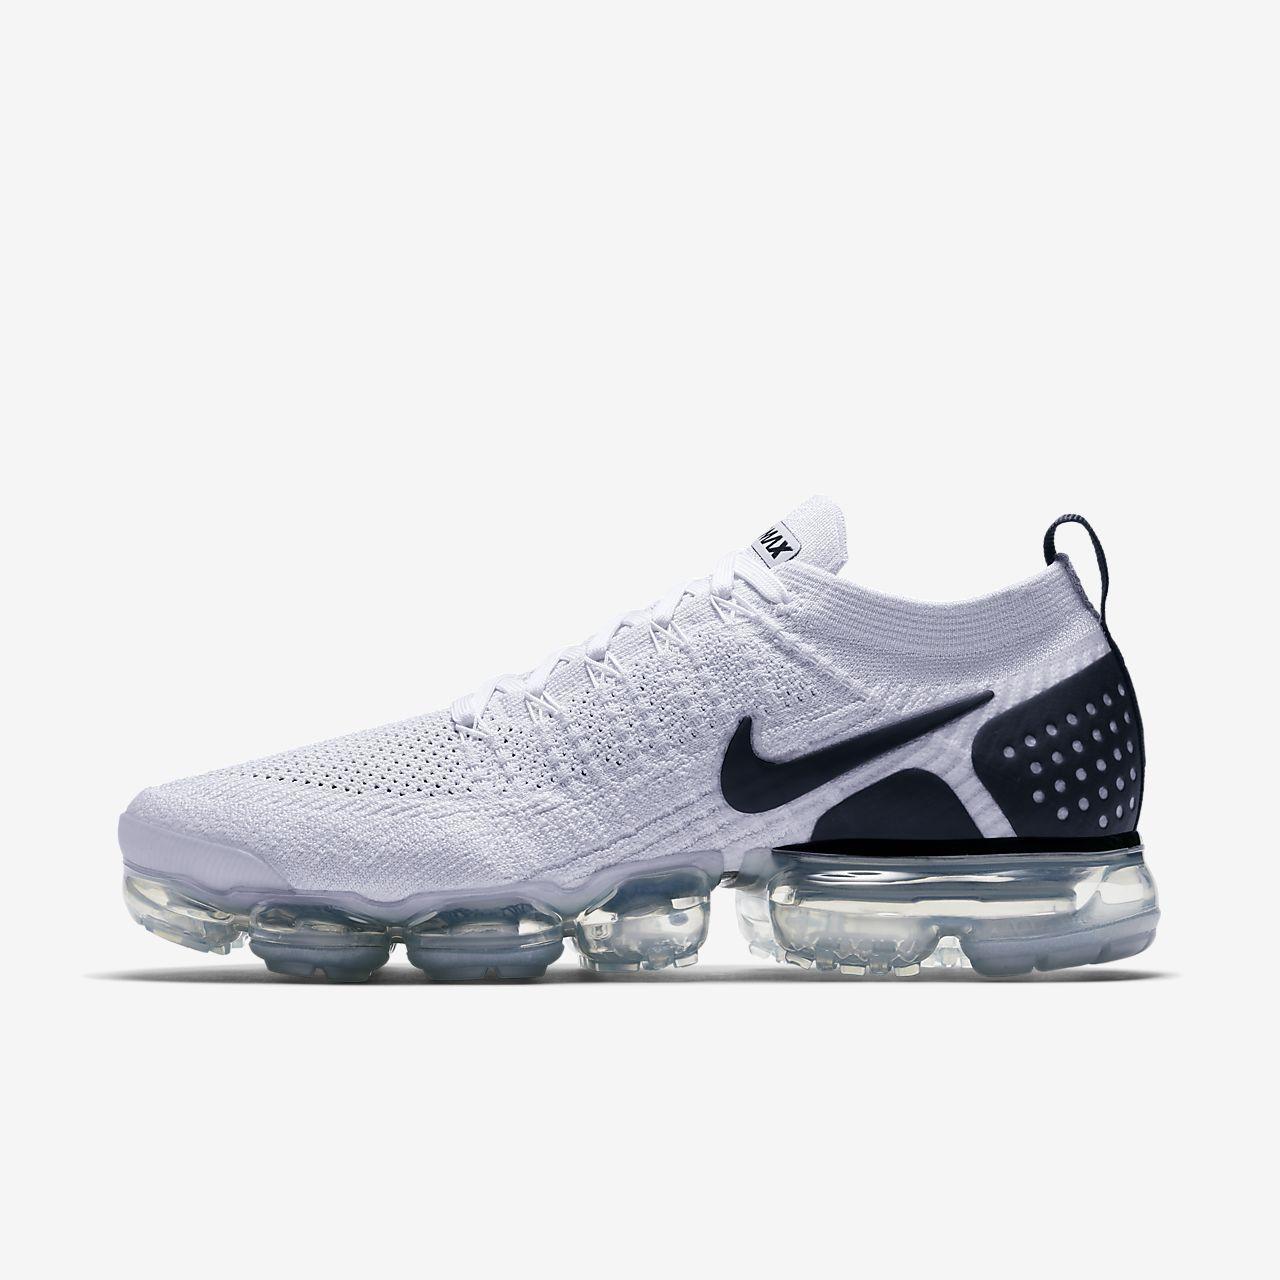 e41b4be043df Men s Nike Air VaporMax Flyknit 2 Running Shoe White Black White Style   942842-103